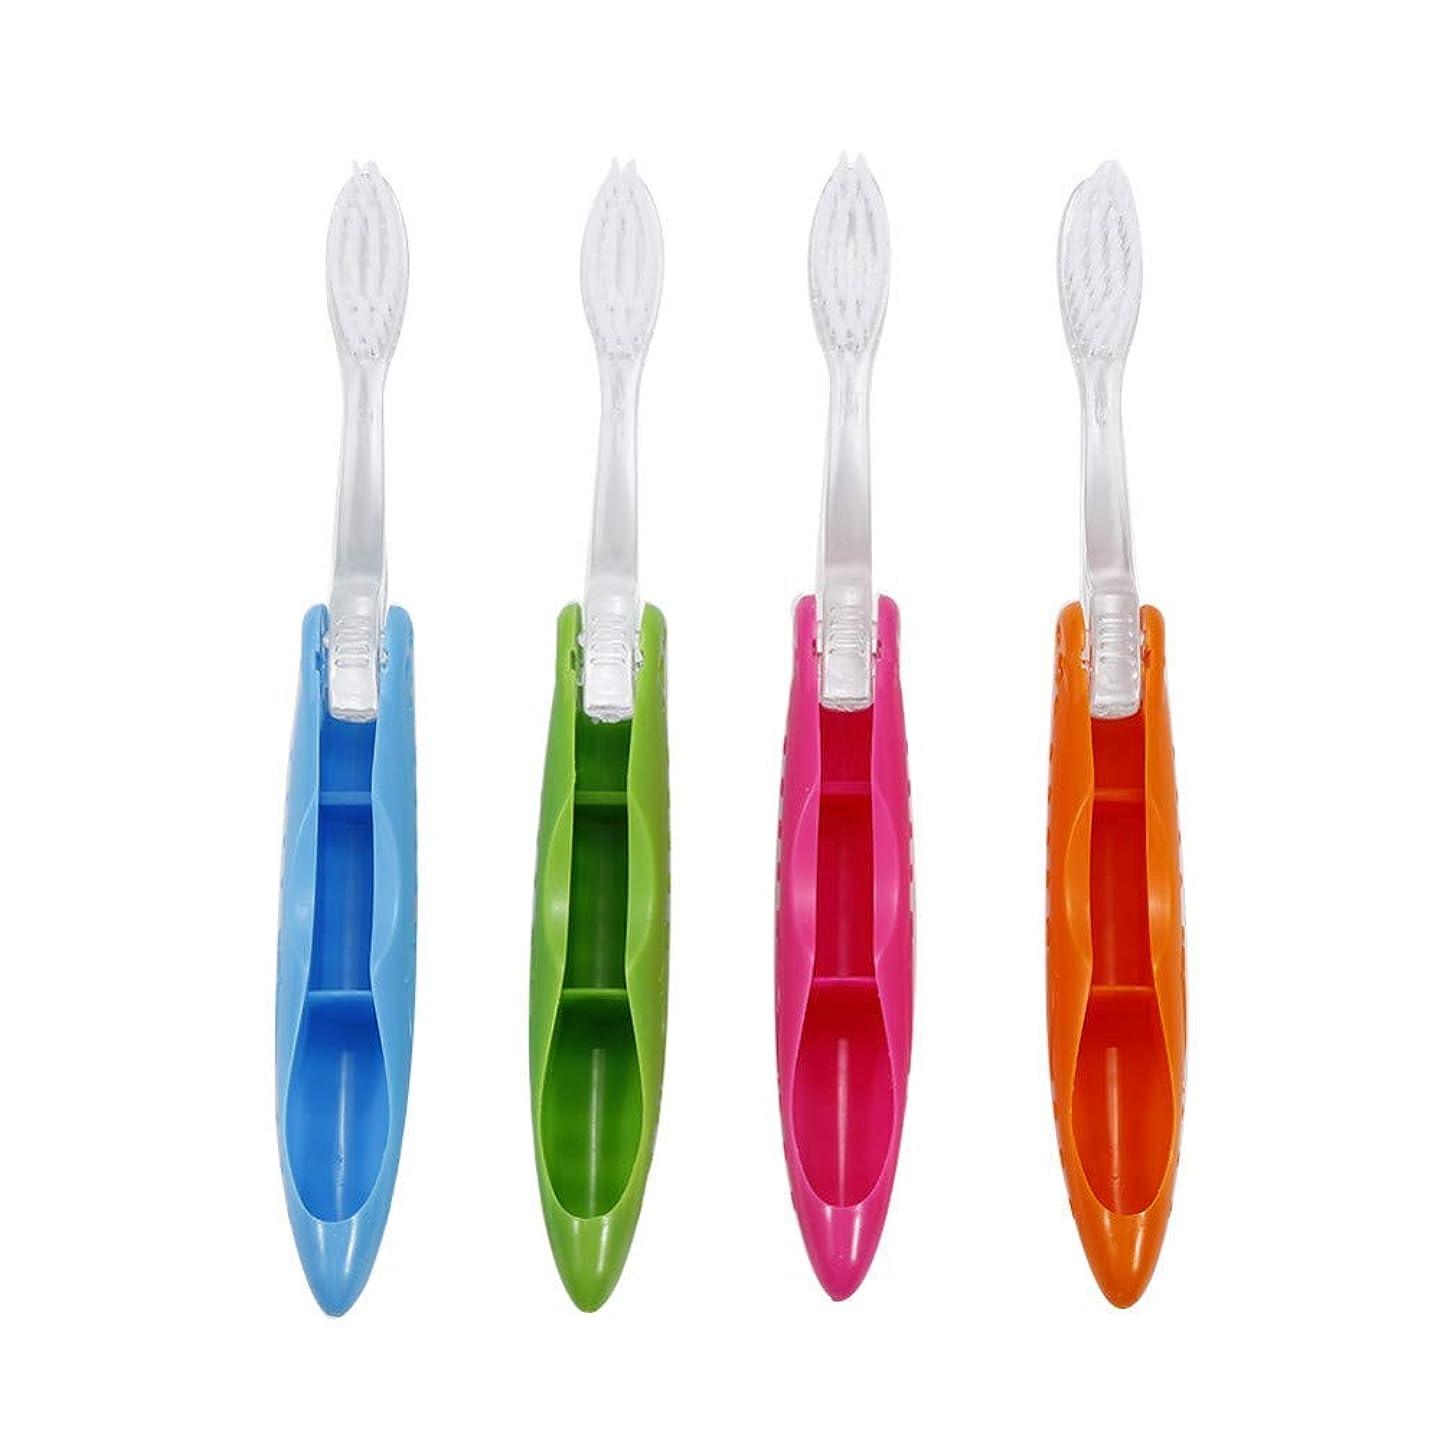 学期権利を与える差別化する4ピースポータブル折りたたみ旅行歯ブラシ柔らかい毛歯ブラシコンパクト交換屋外口腔ヘルスケア、